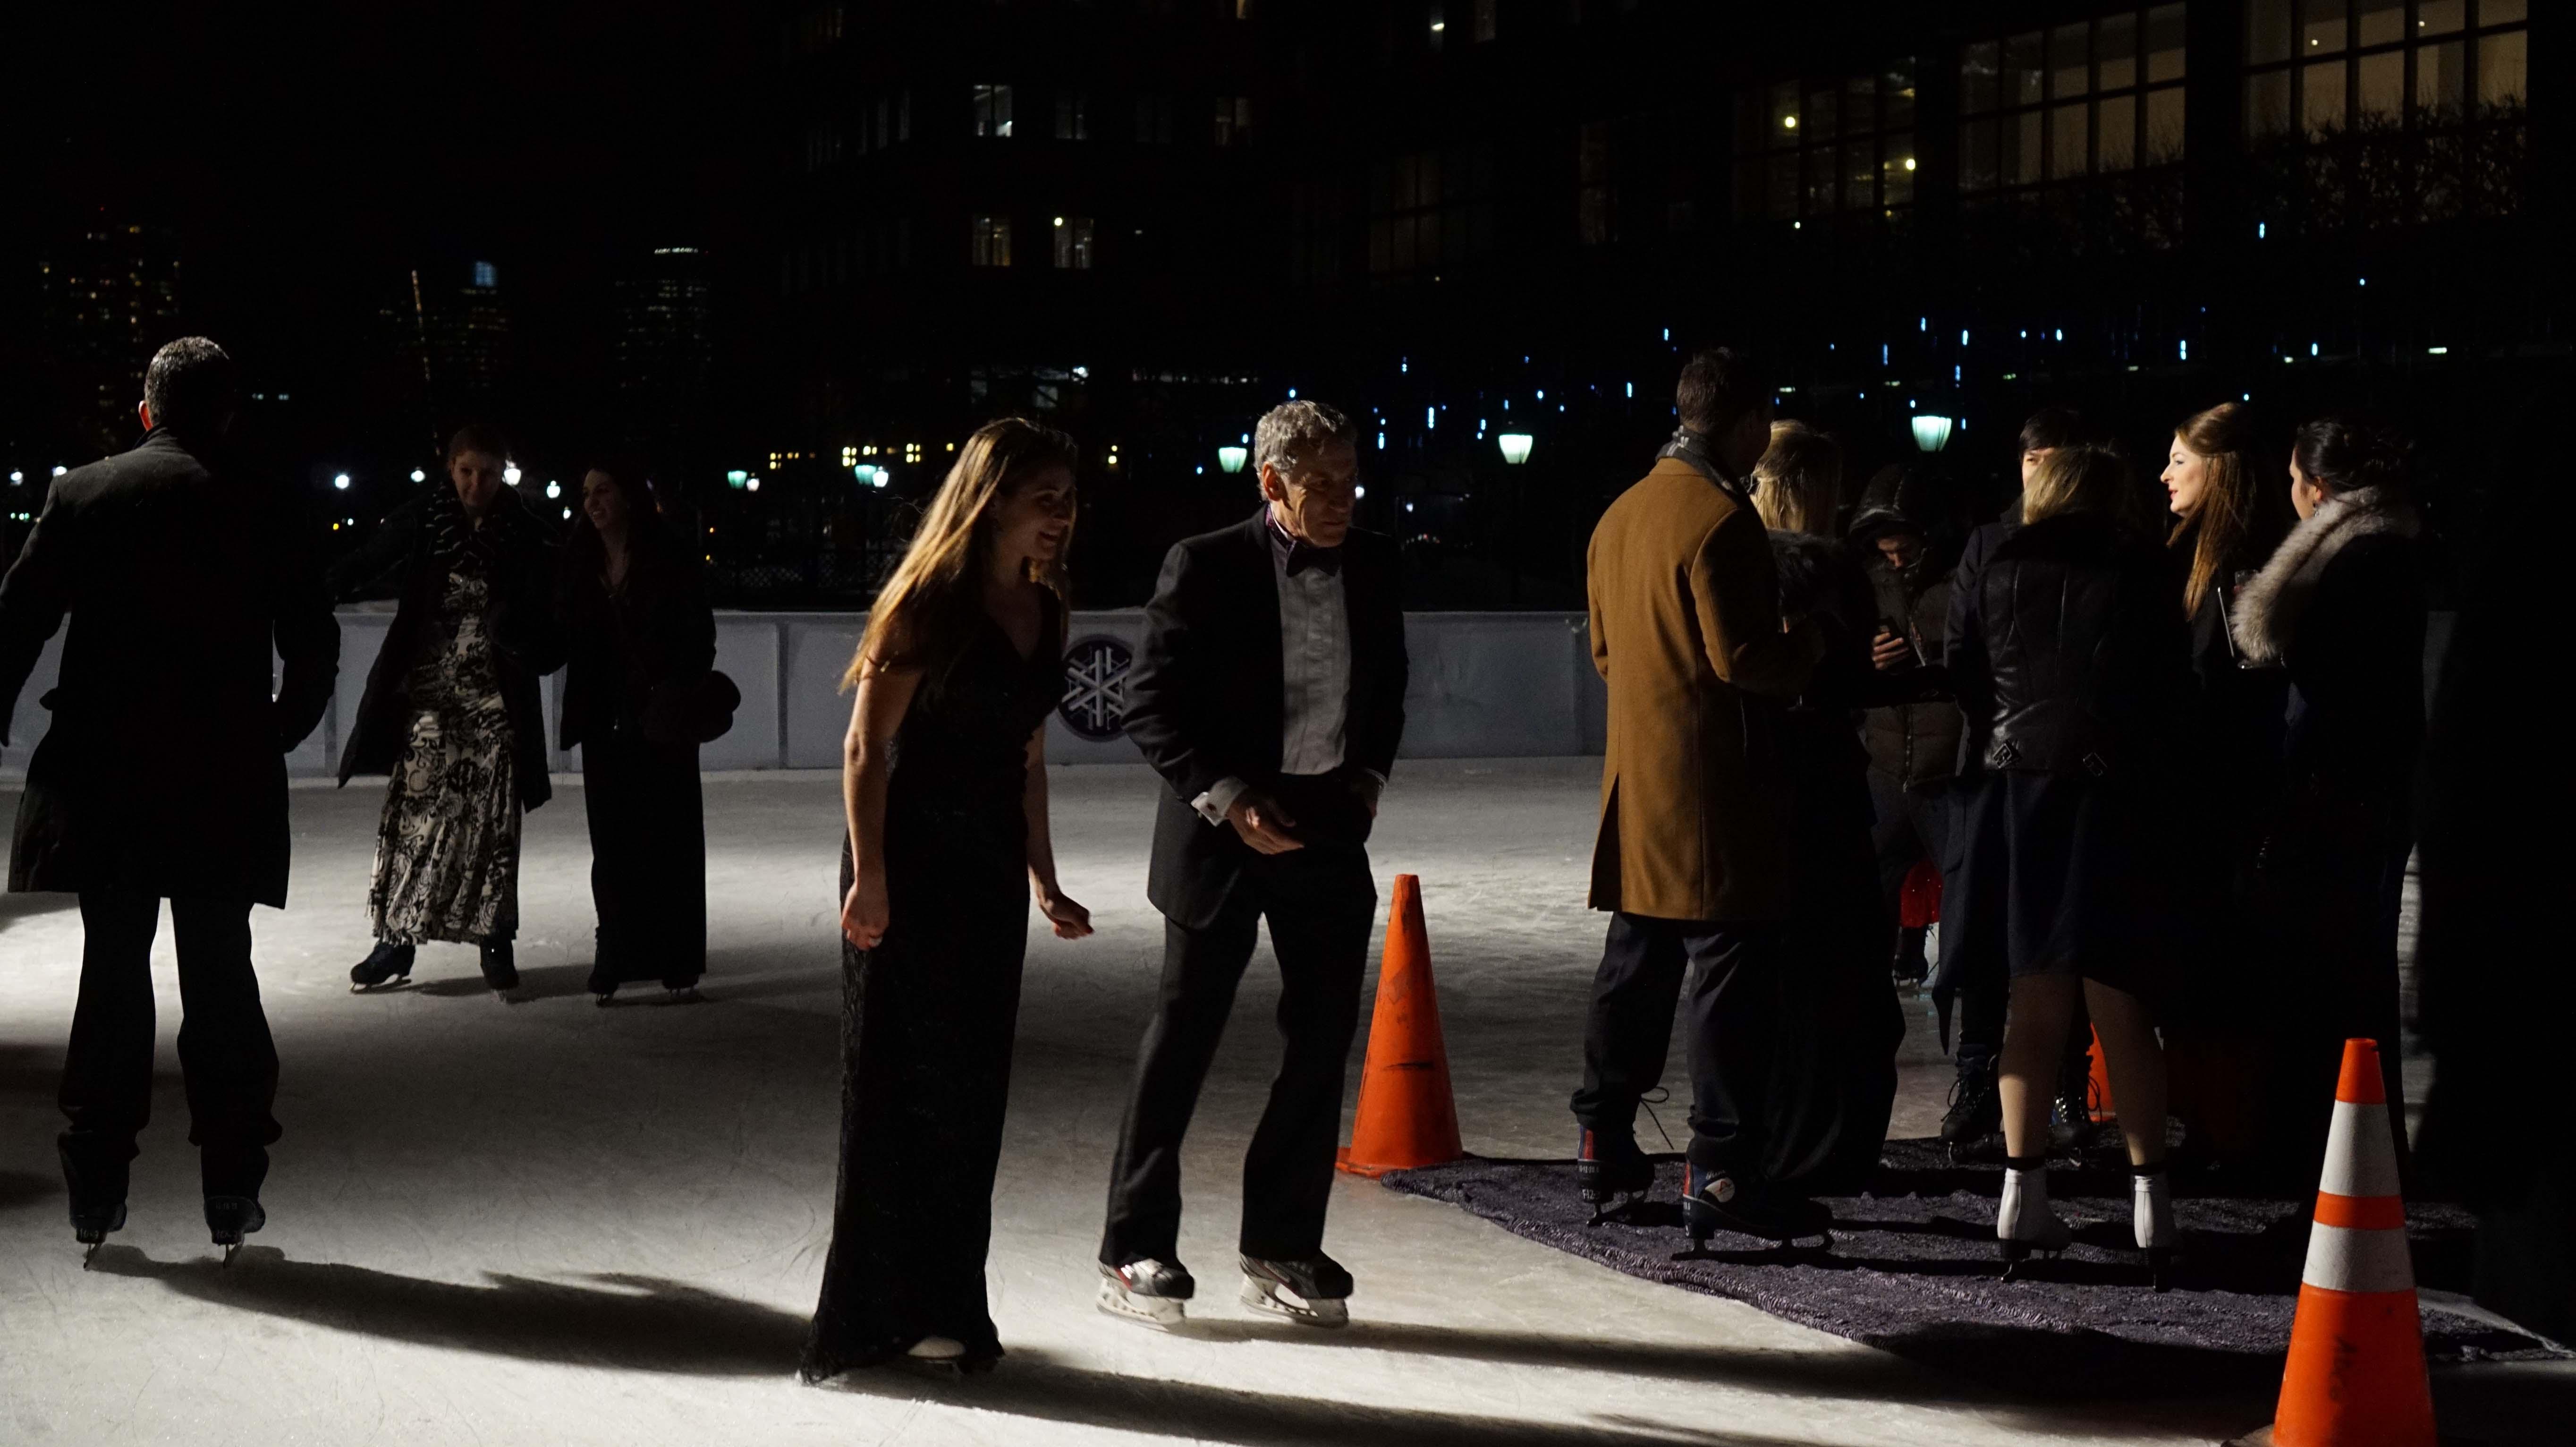 Moet ice skating 2